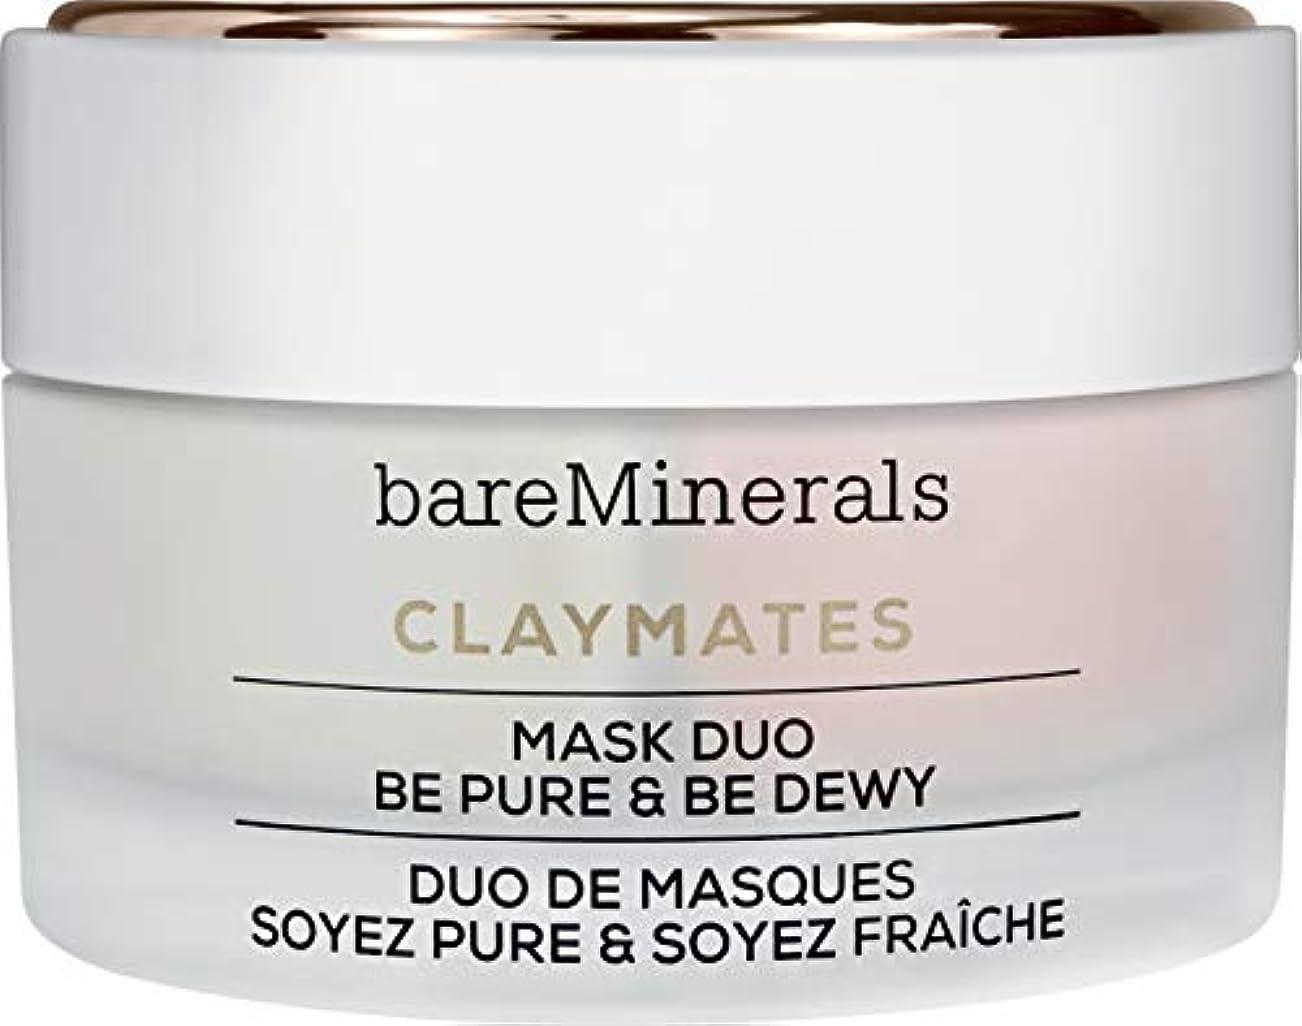 絶望悪性の関係ないベアミネラル Claymates Be Pure & Be Dewy Mask Duo 58g/2.04oz並行輸入品